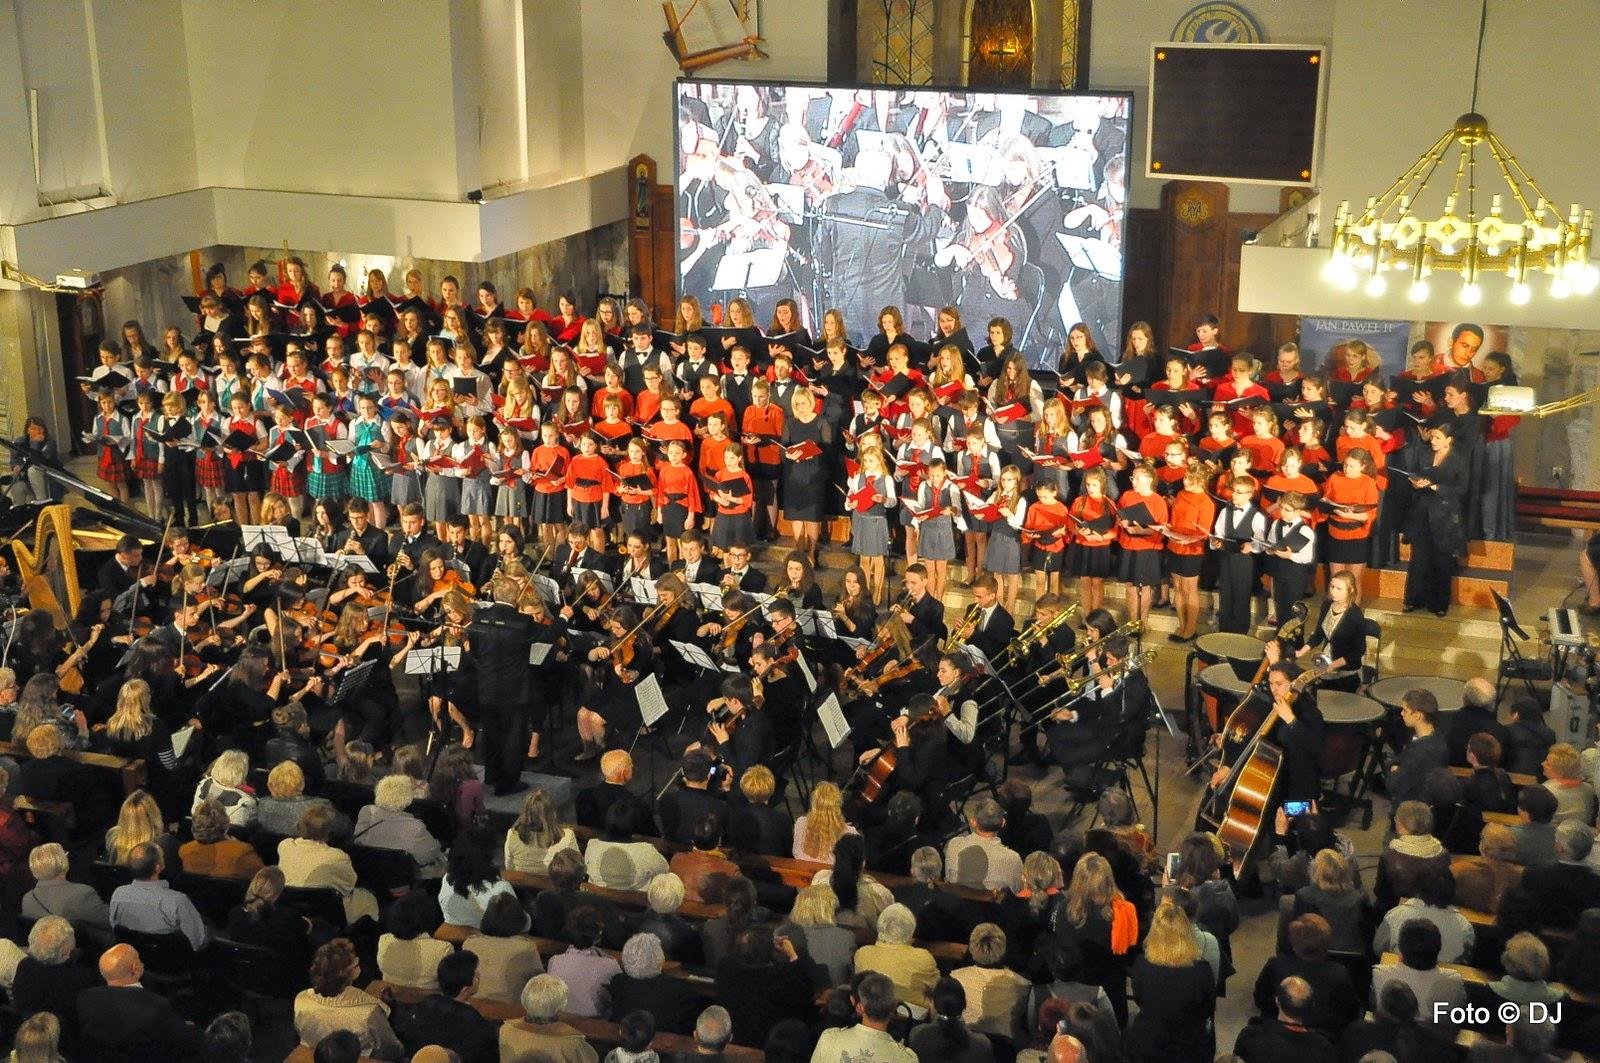 Koncert Missa pro Sancte Johannes Pauli II muz. Marek Stefankiewicz - Parafia Św. Rodziny w Lublinie